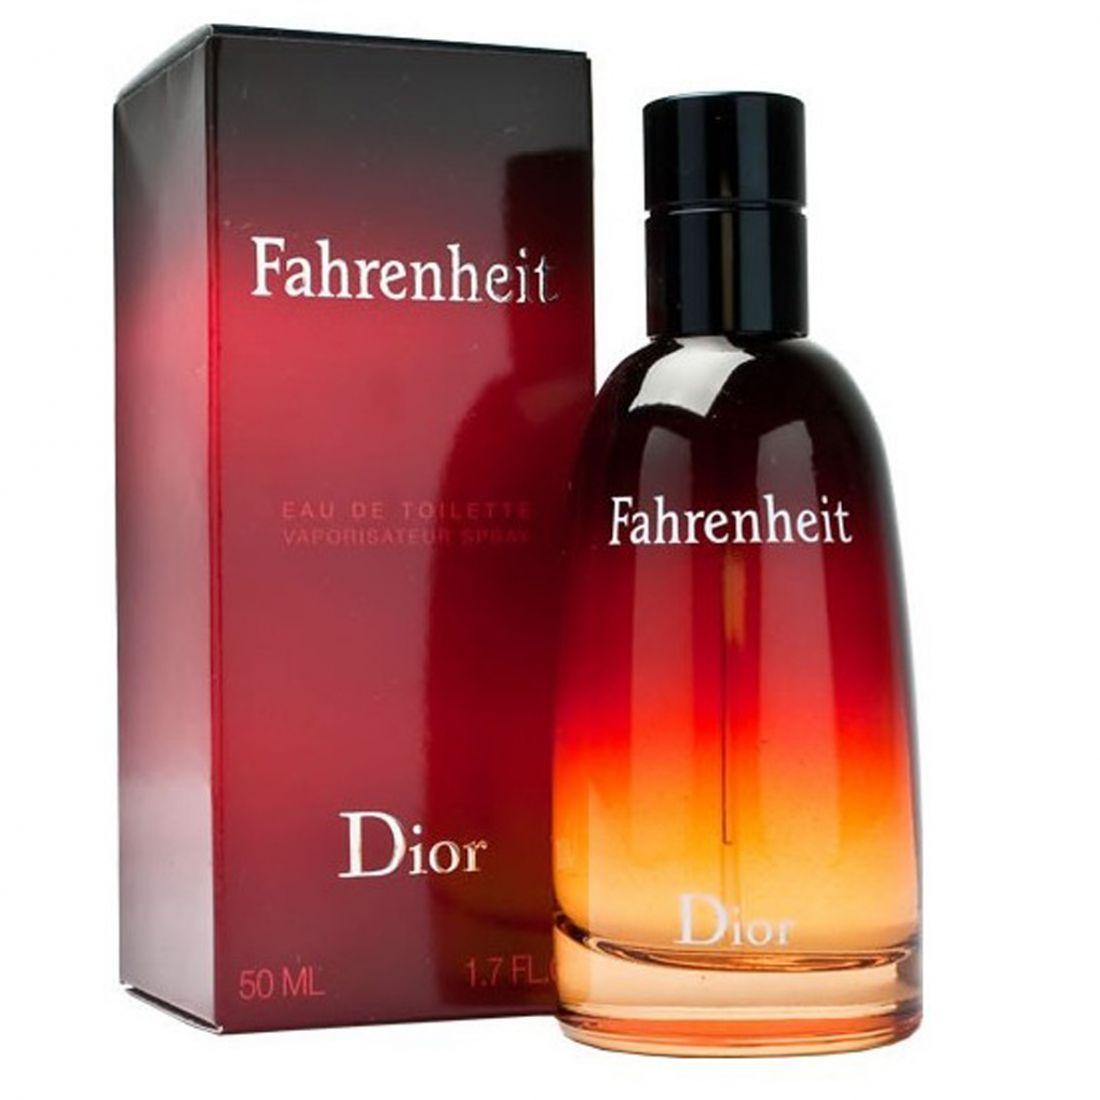 Christian Dior - Fahrenheit, 50 ml